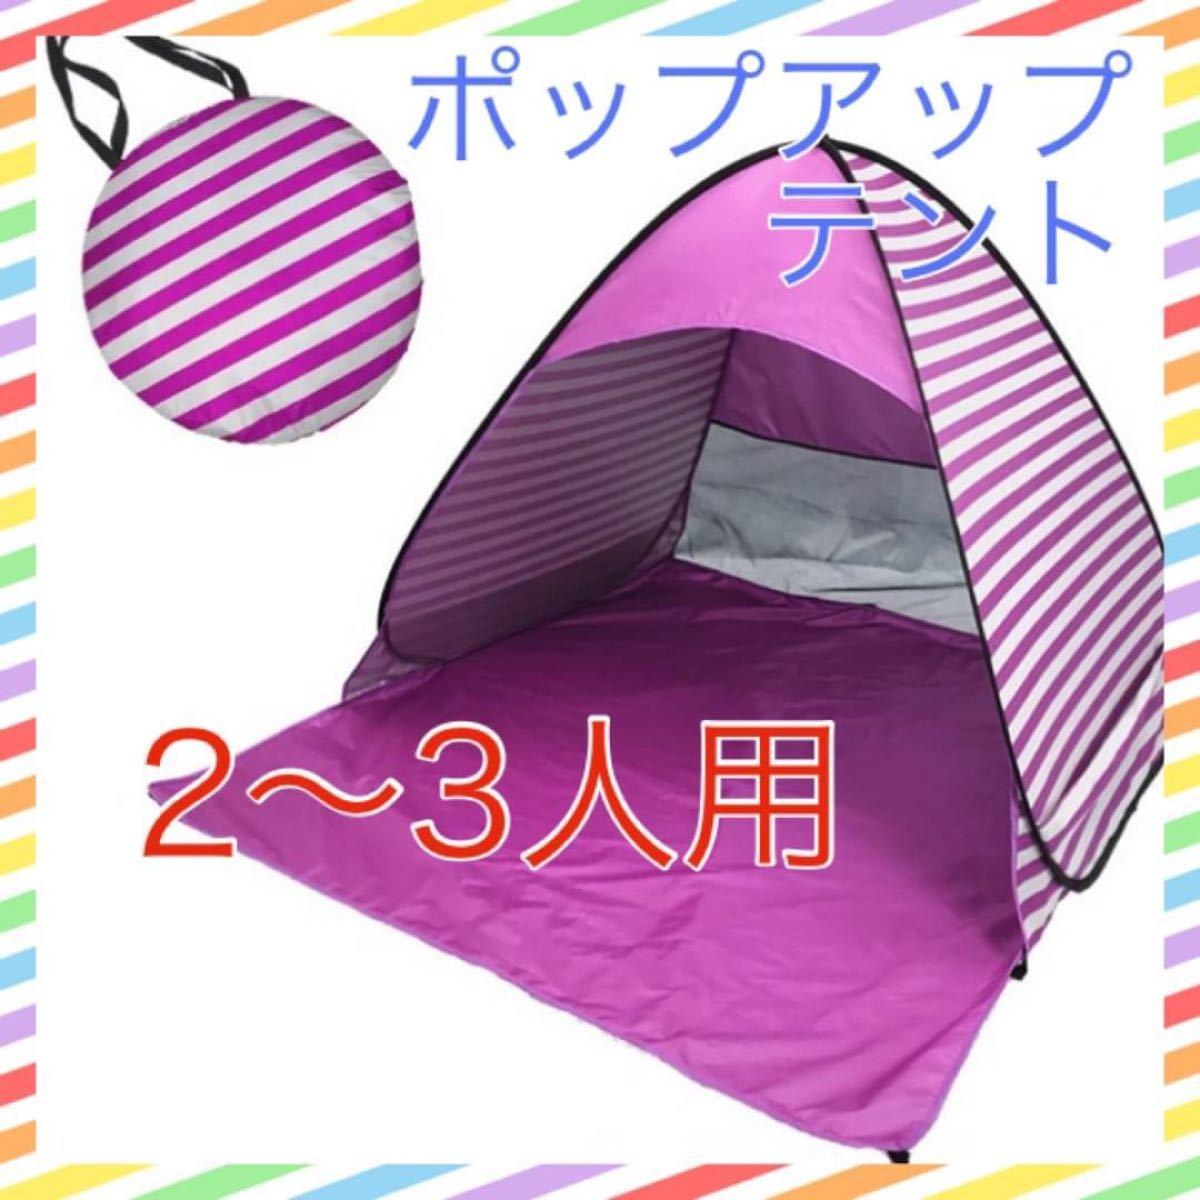 ワンタッチテント☆ポップアップテント☆ピンク色☆持ち運び楽々!